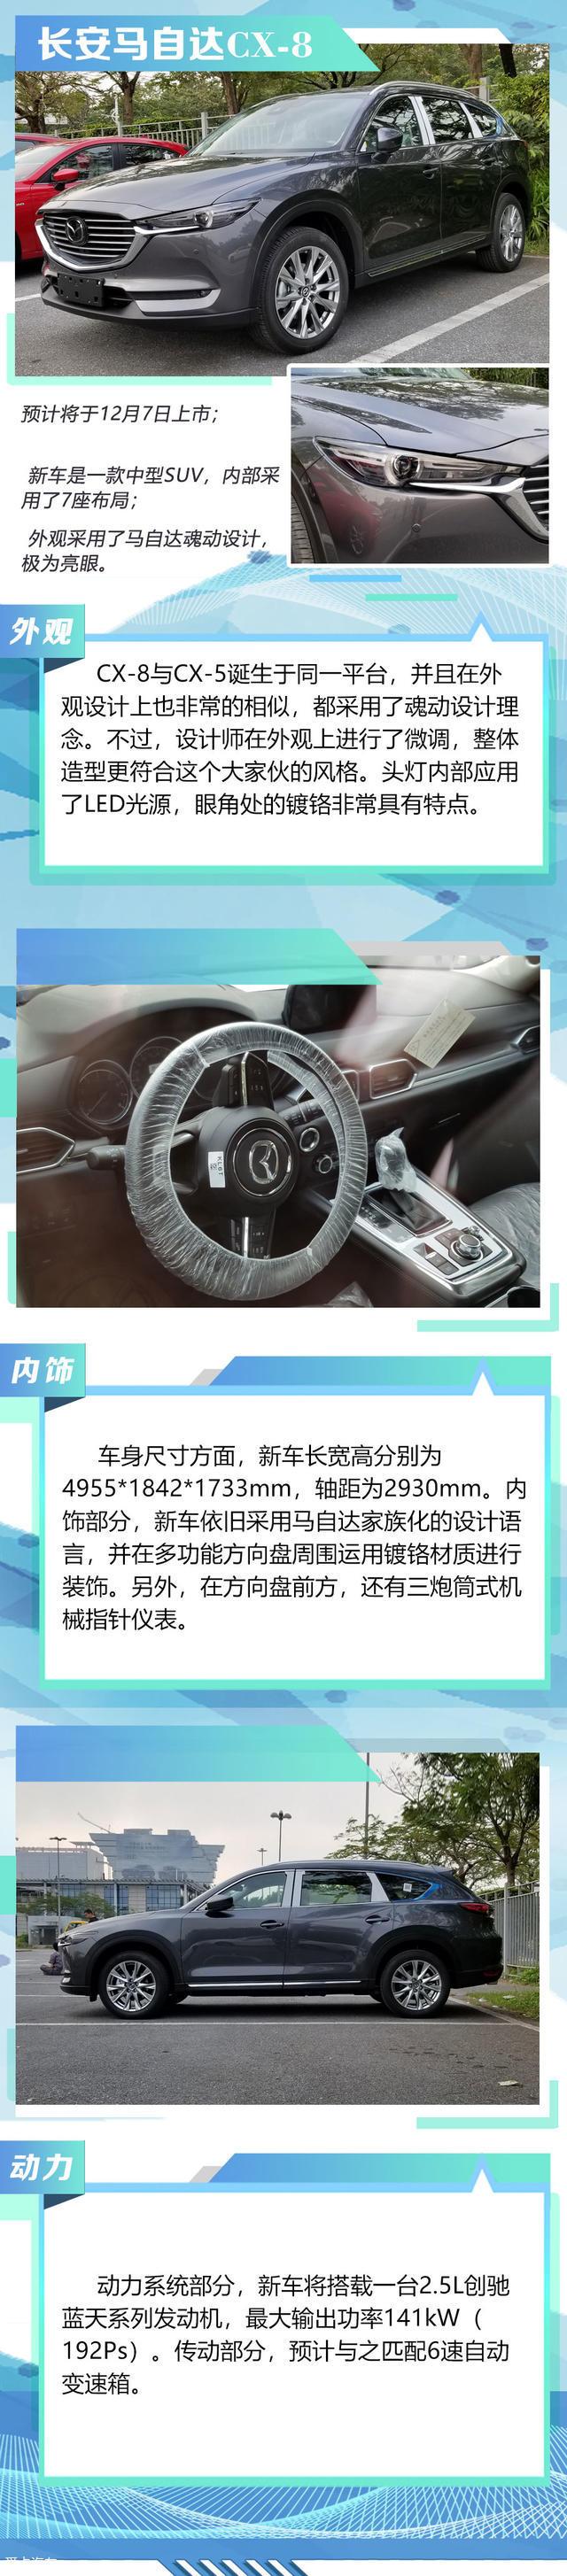 这有最全的内容汇集 广州车展探馆盘点